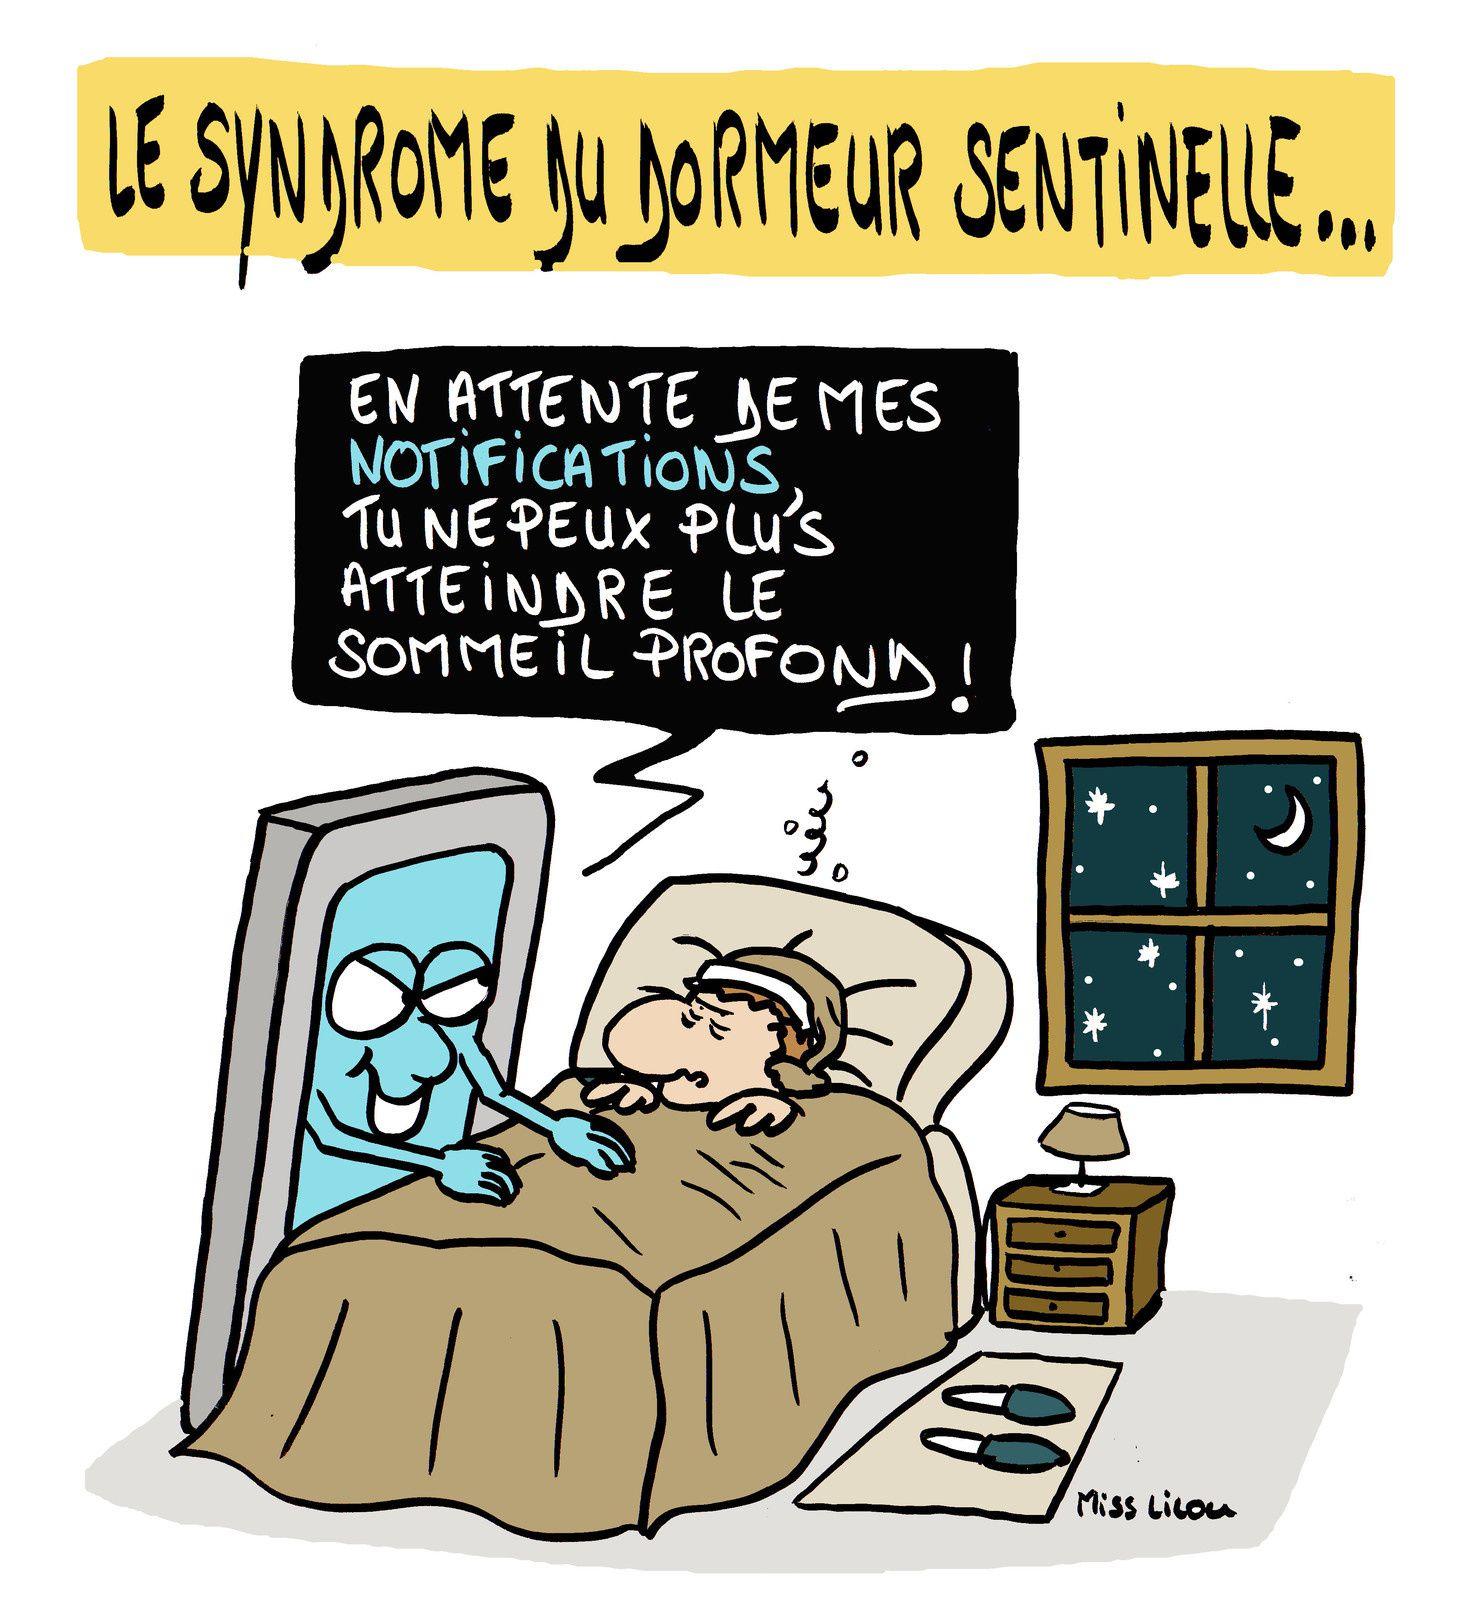 Le syndrome du dormeur sentinelle...